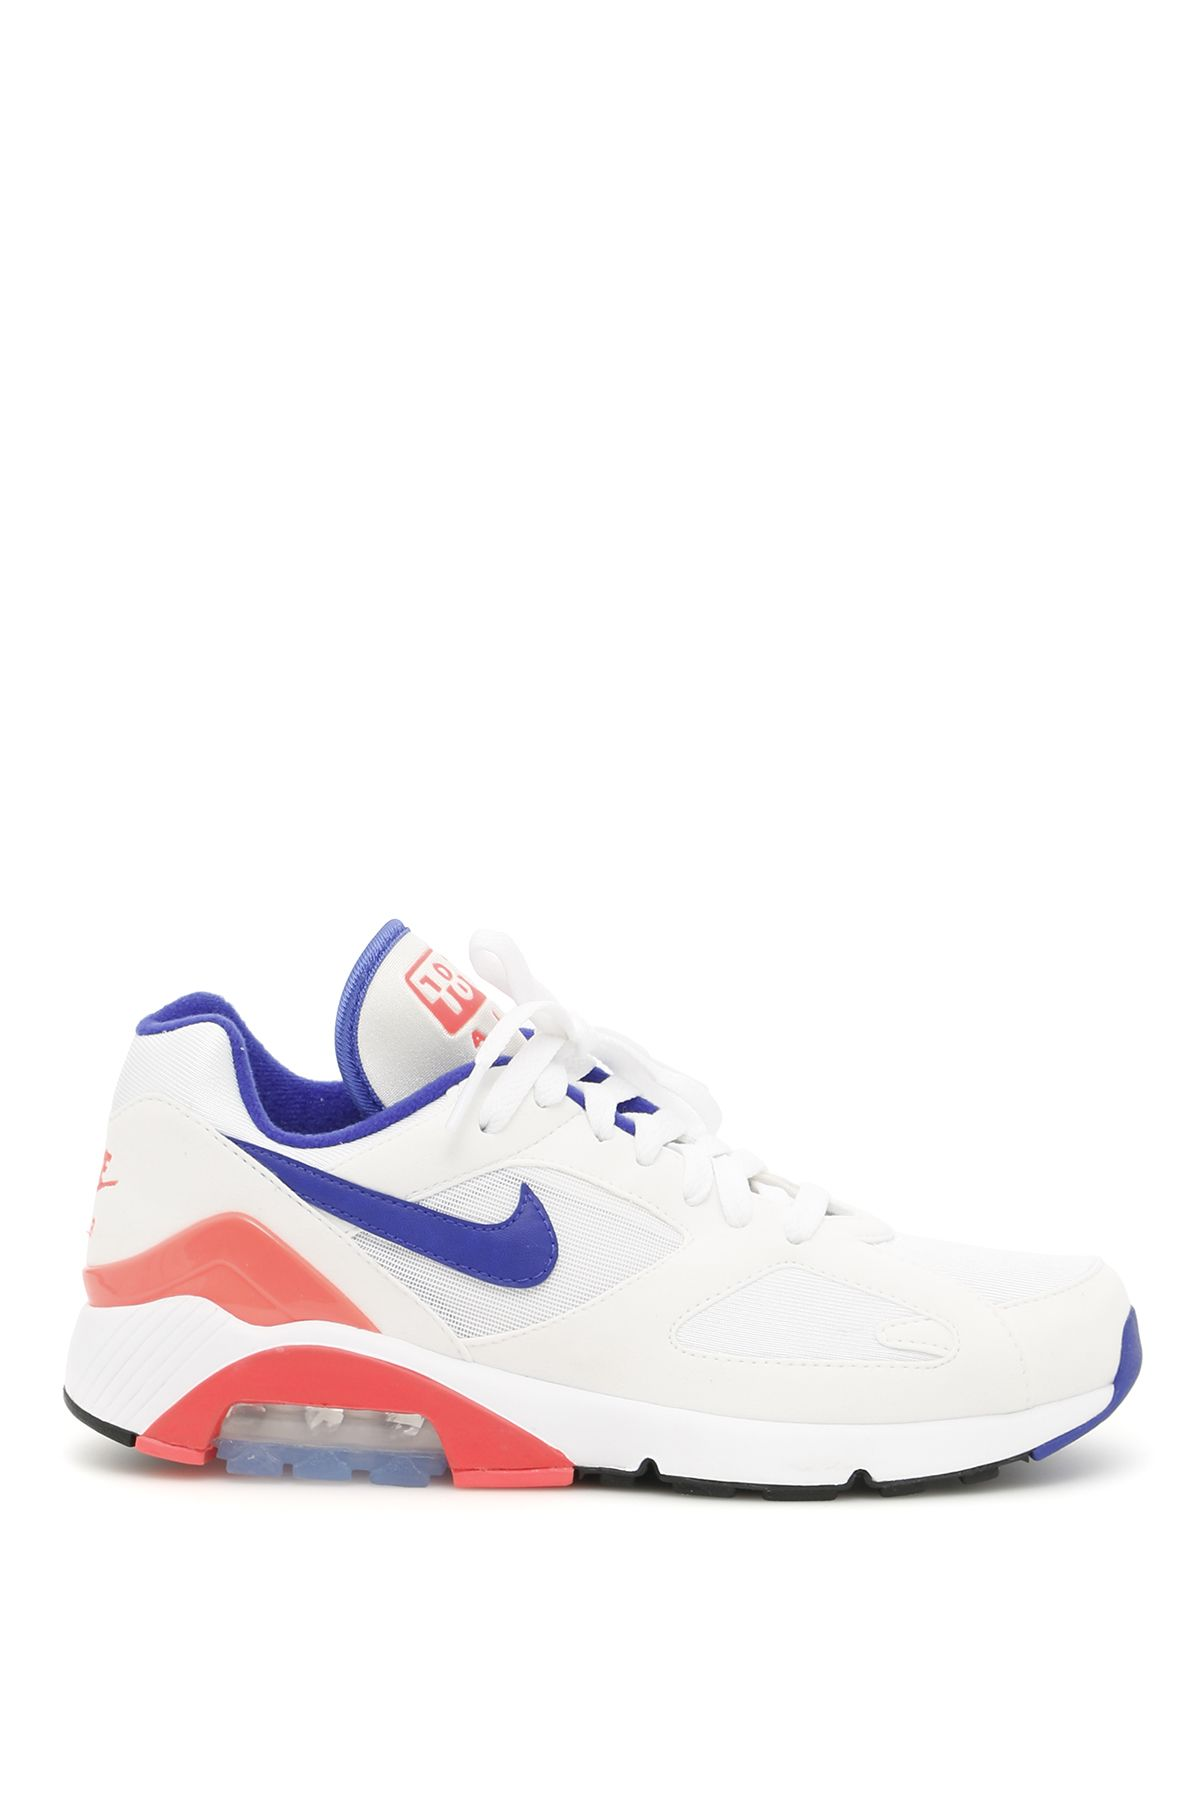 Air Max 180 Sneakers